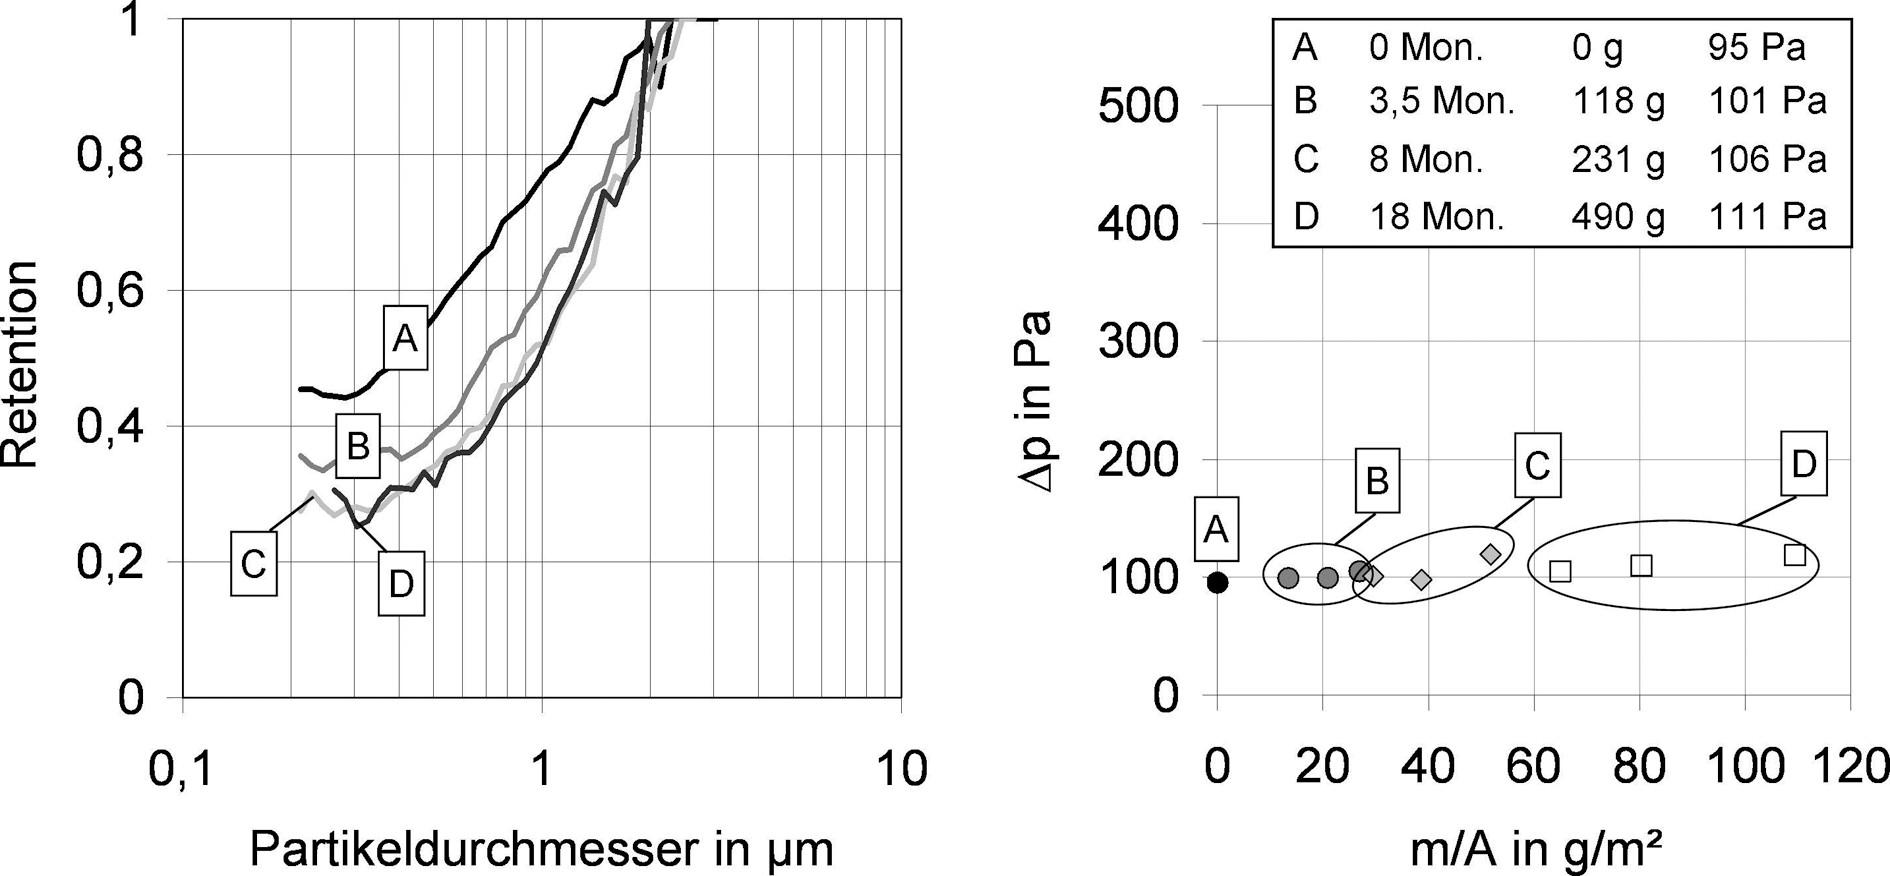 Bild 3. F7-Taschenfilter (Synthetikfaser mit Elektretwirkung), links: Effizienzen bei Beladung mit Außenluft, rechts: Druckverlust als Funktion der Staubmasse bezogen auf die Filterfläche. Quelle: IUTA/Uni Duisburg/Essen